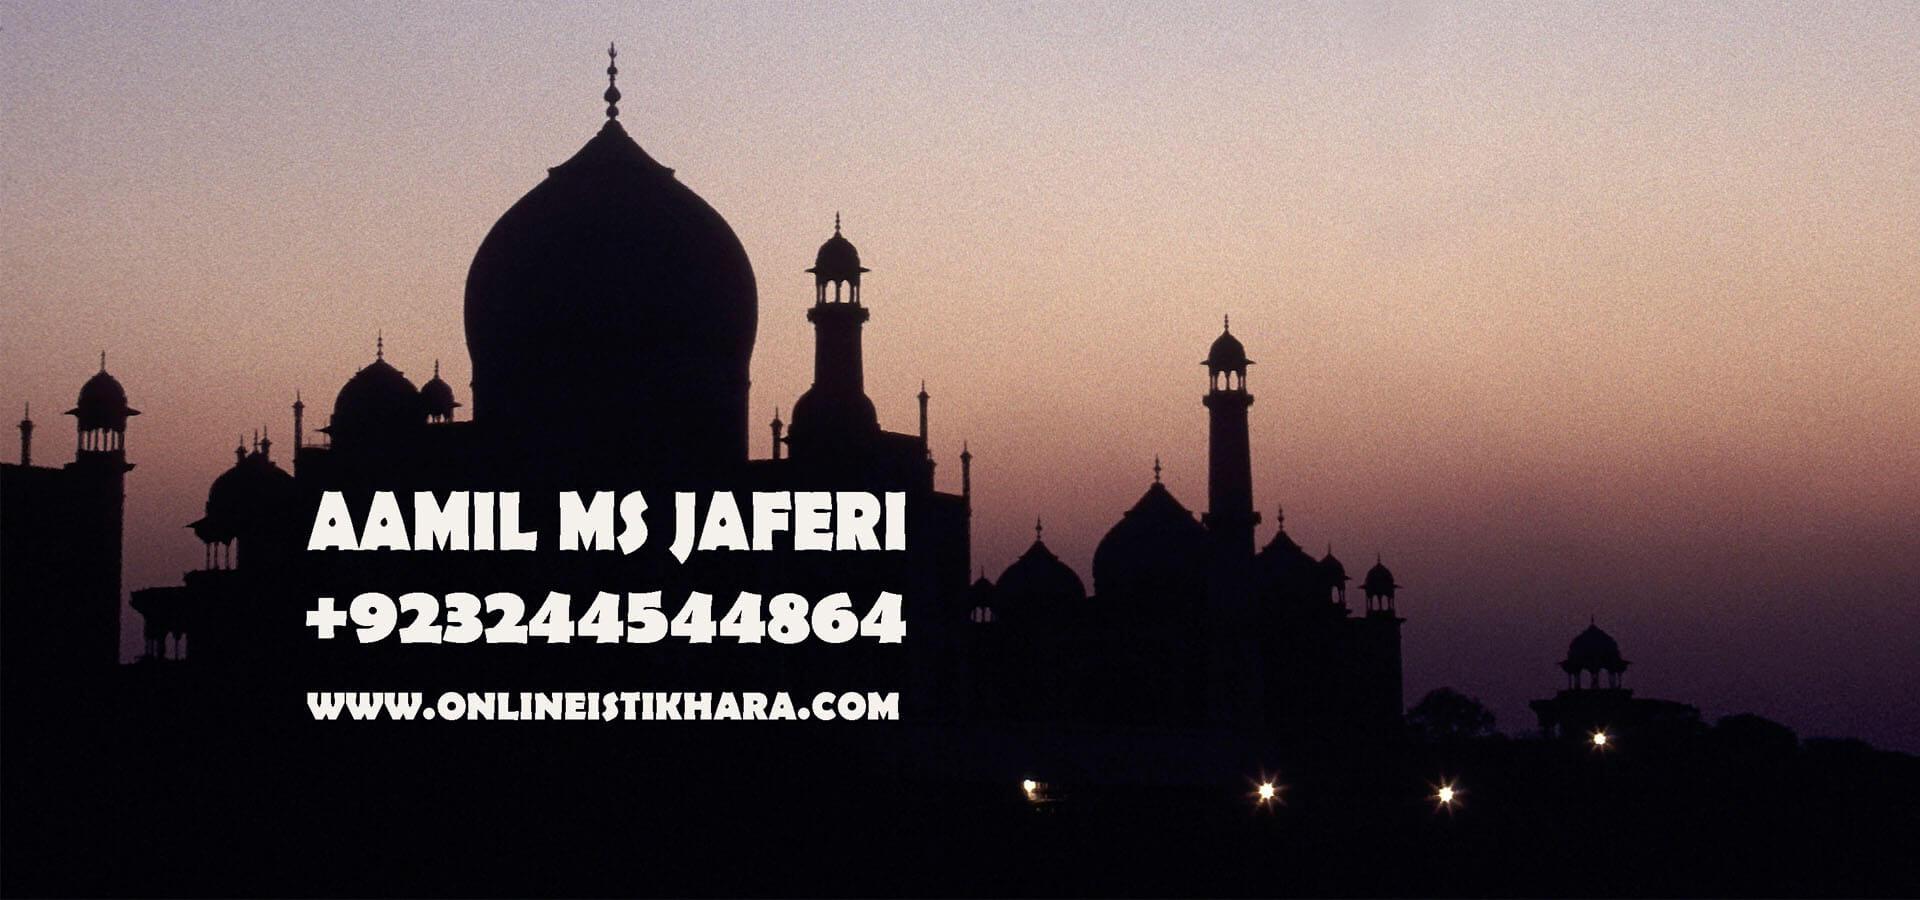 Aamil Ms Jaferi